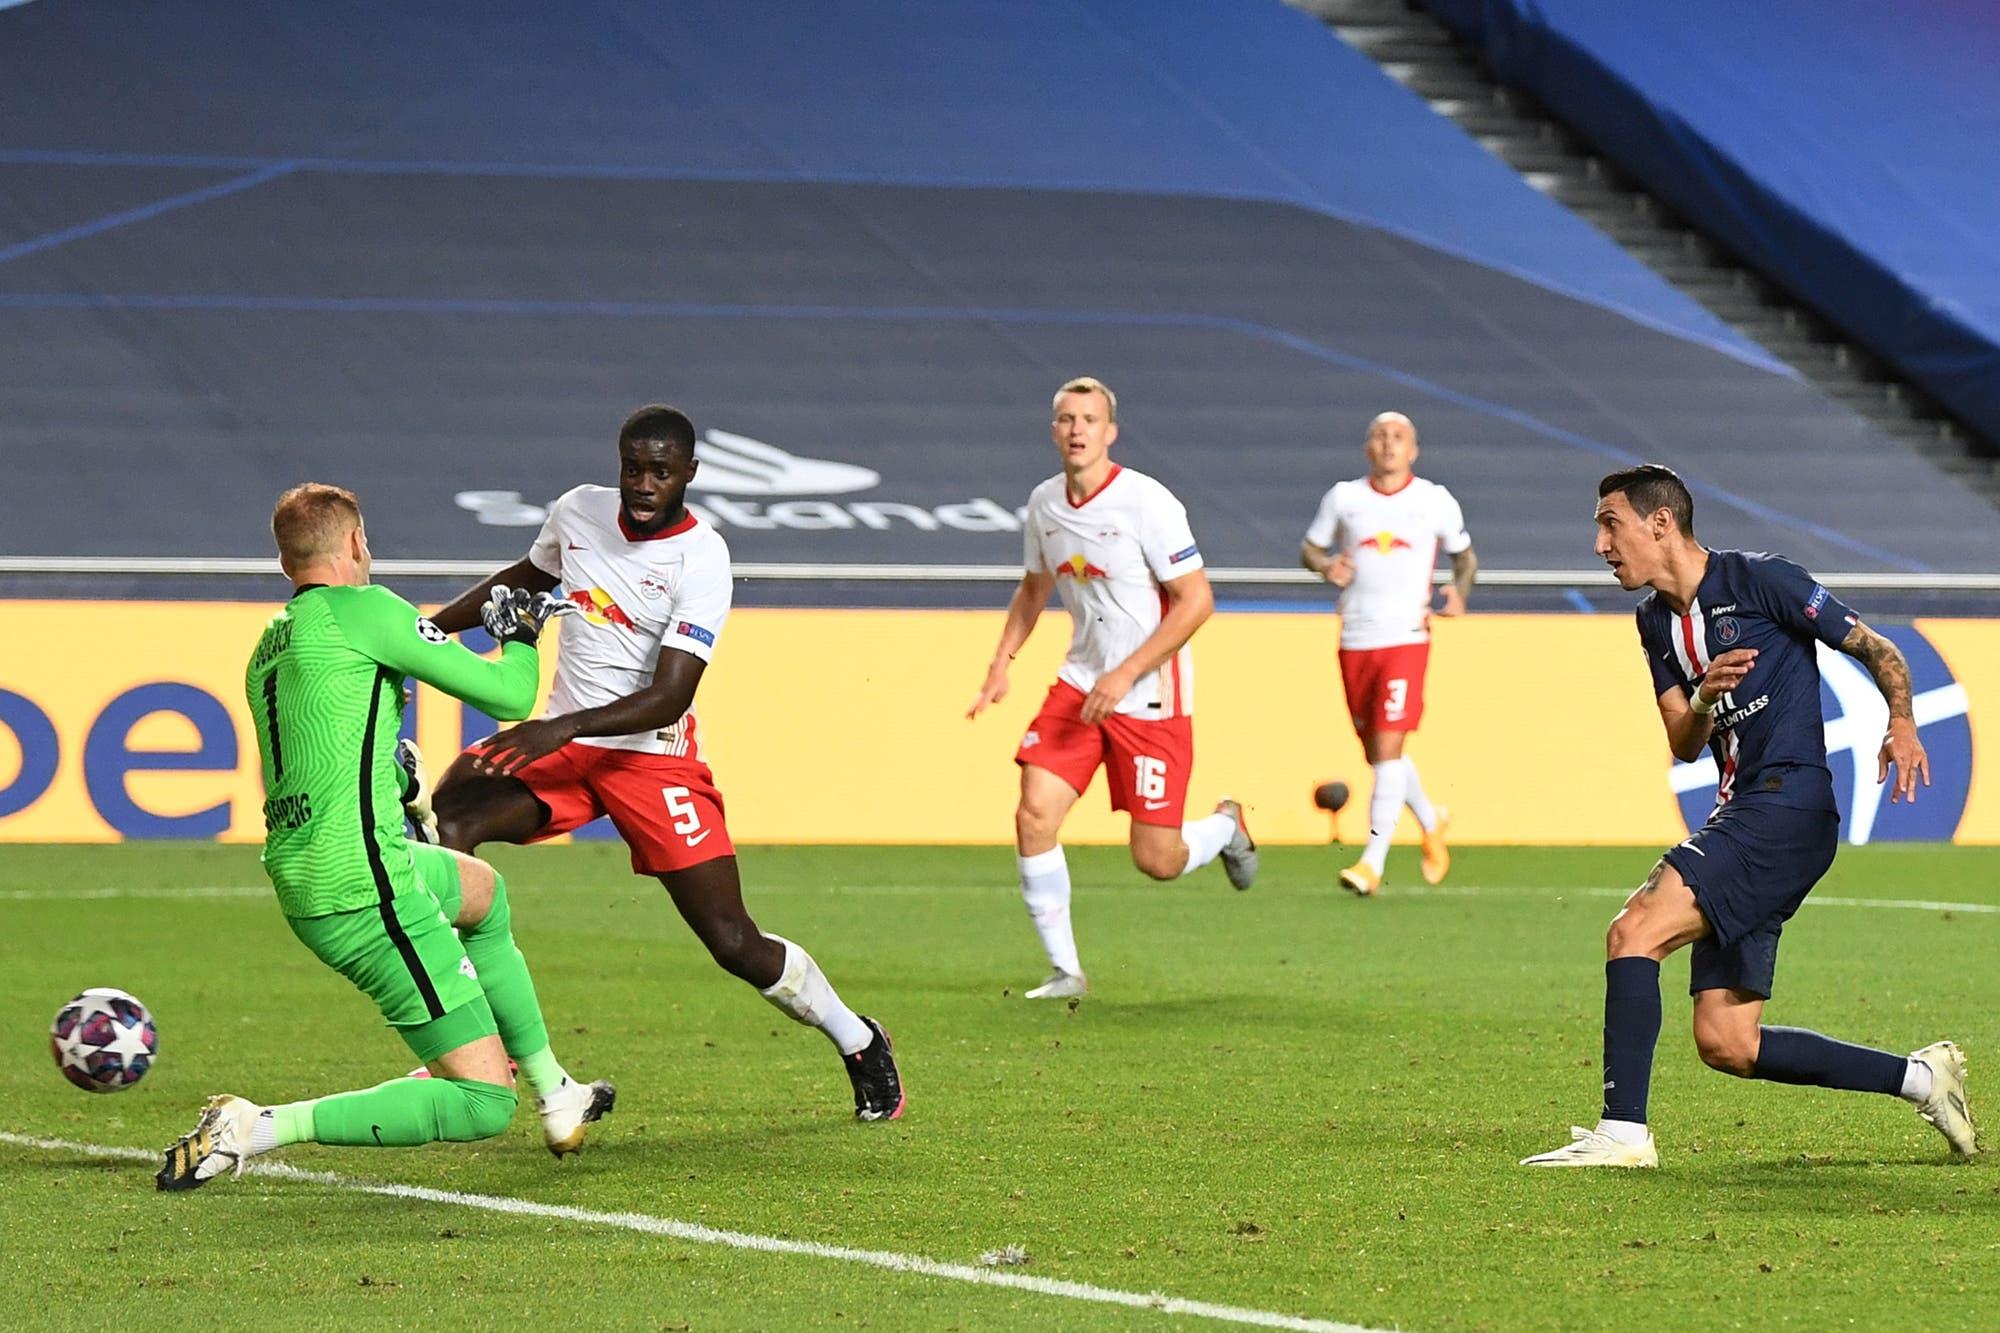 PSG-Leipzig: el video del gran partido de Di María y los goles del 3-0 del equipo francés, que jugará la final de la Champions League